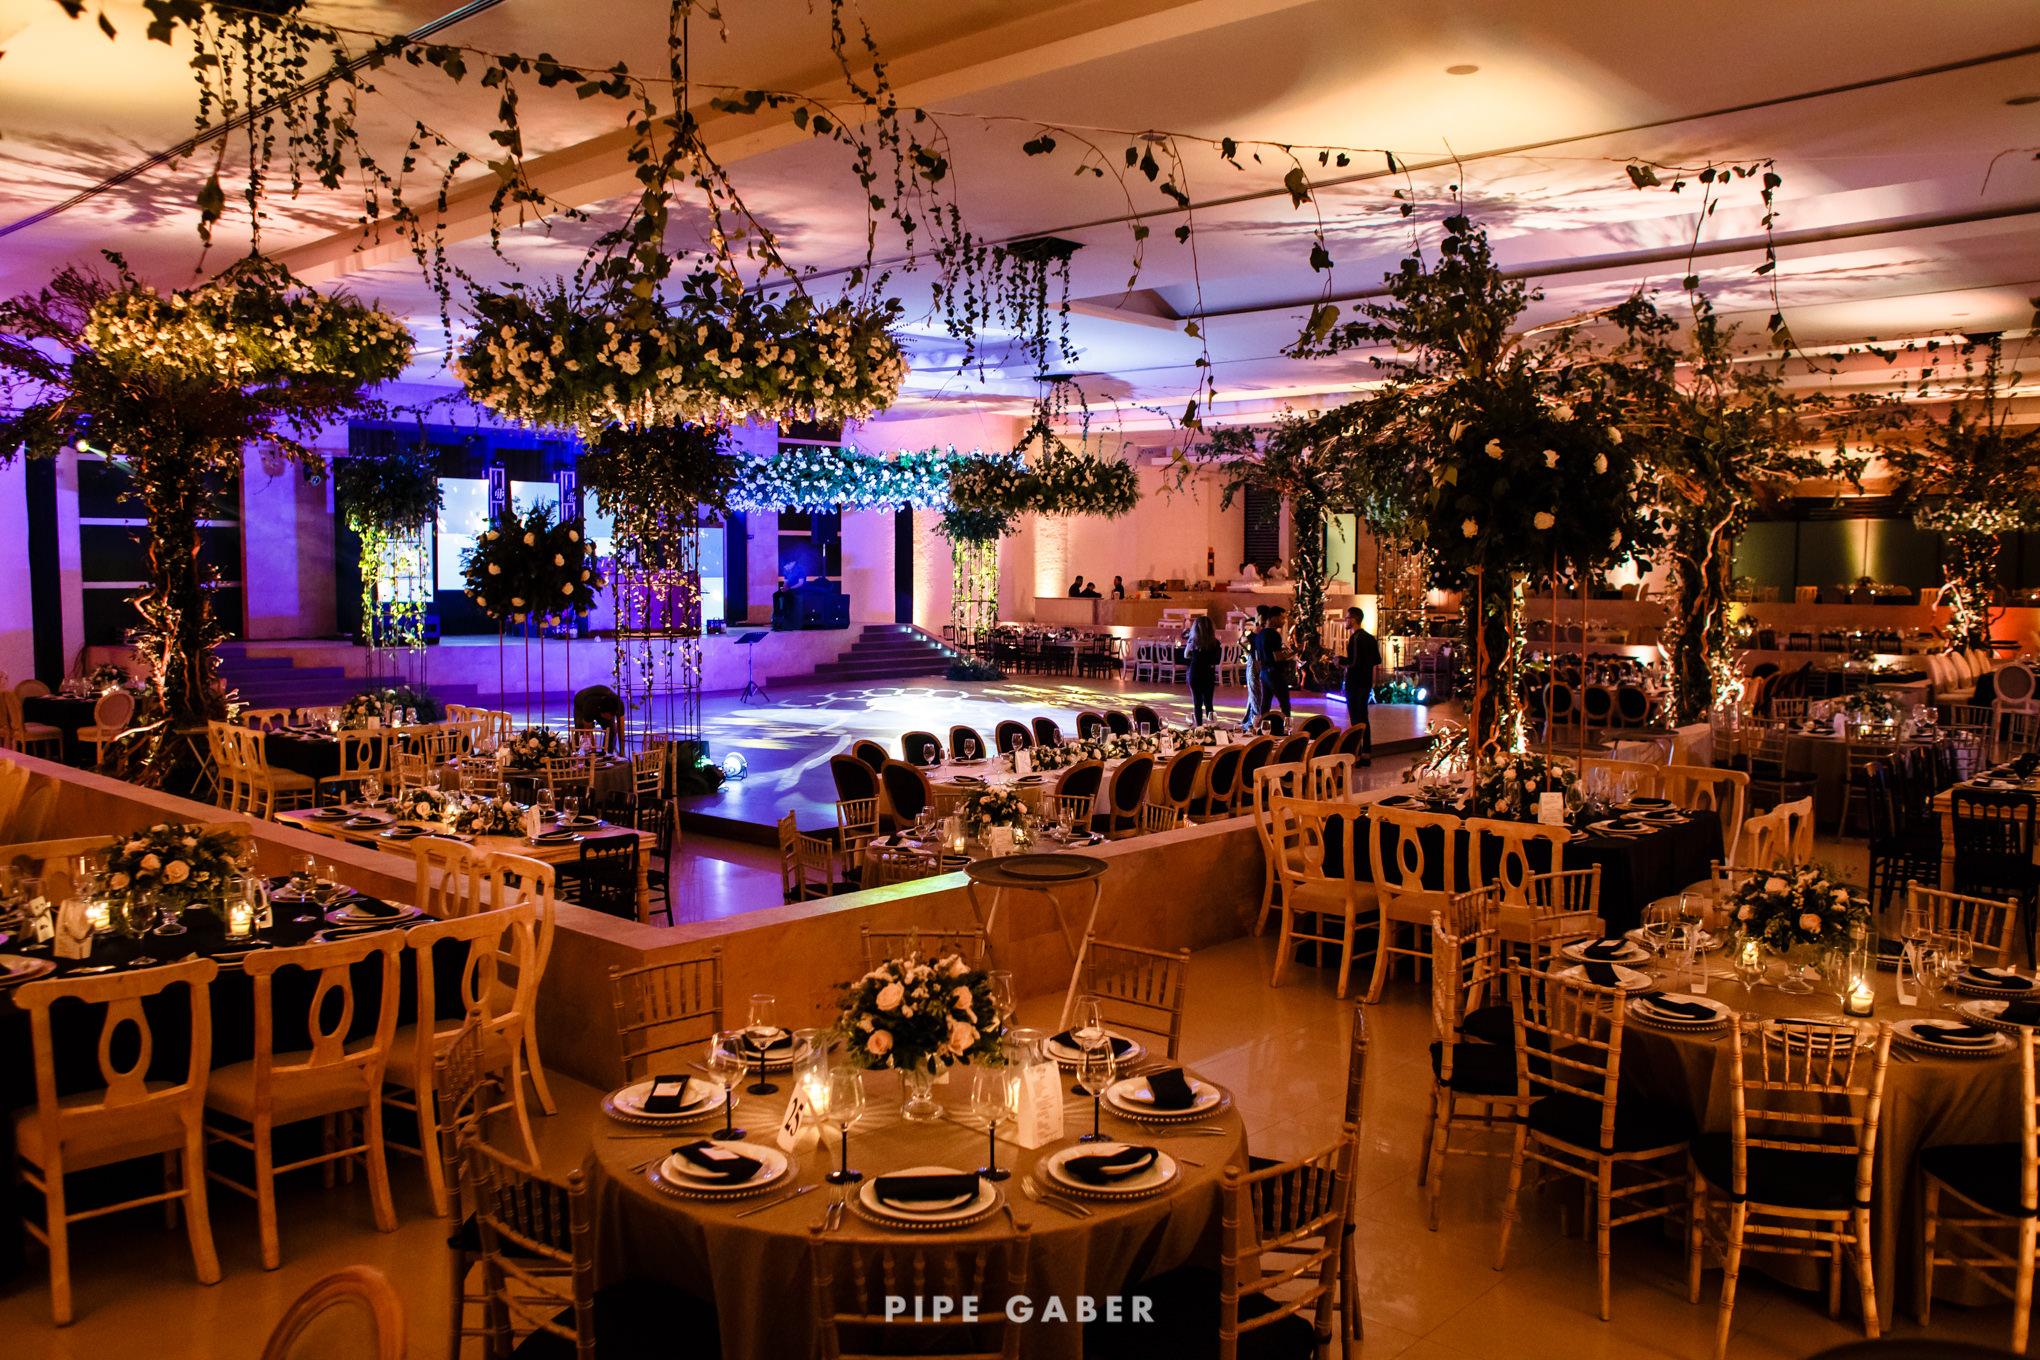 DECISIONES_ILUMINACION_WEDDINGS_TIPS_FOR_BRIDES17.JPG